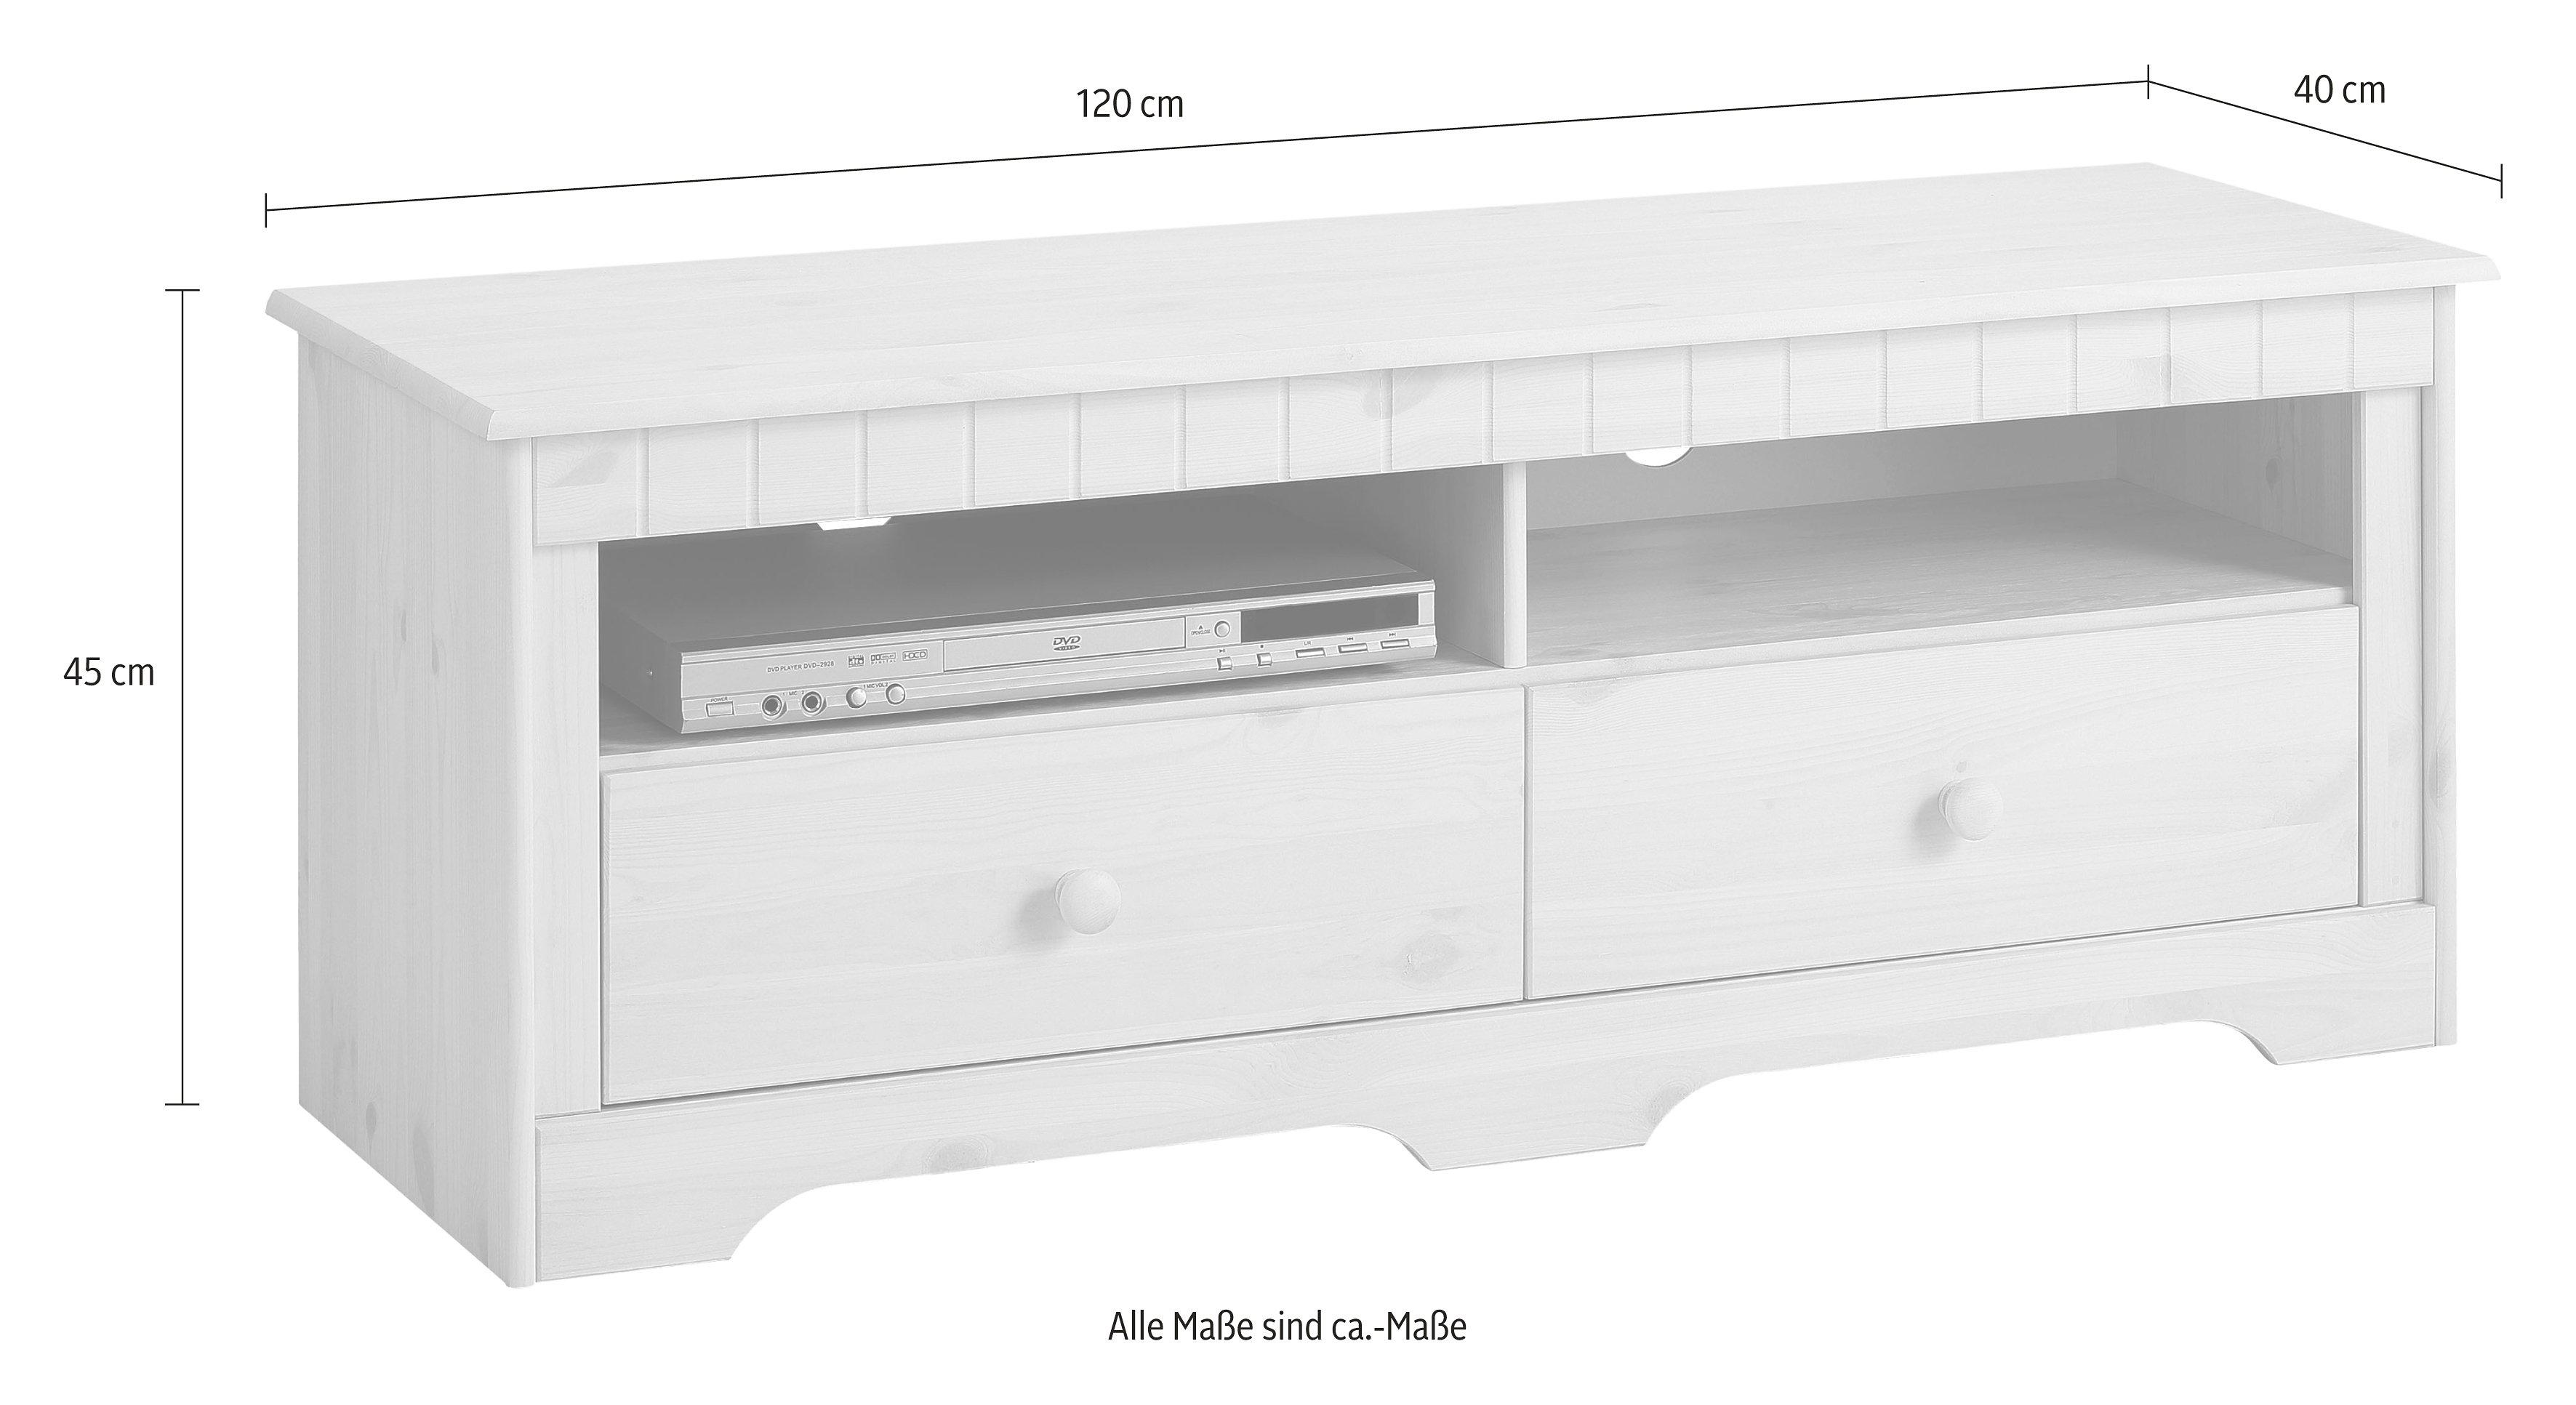 home affaire lowboard p hl 120 cm breed nu online kopen otto. Black Bedroom Furniture Sets. Home Design Ideas